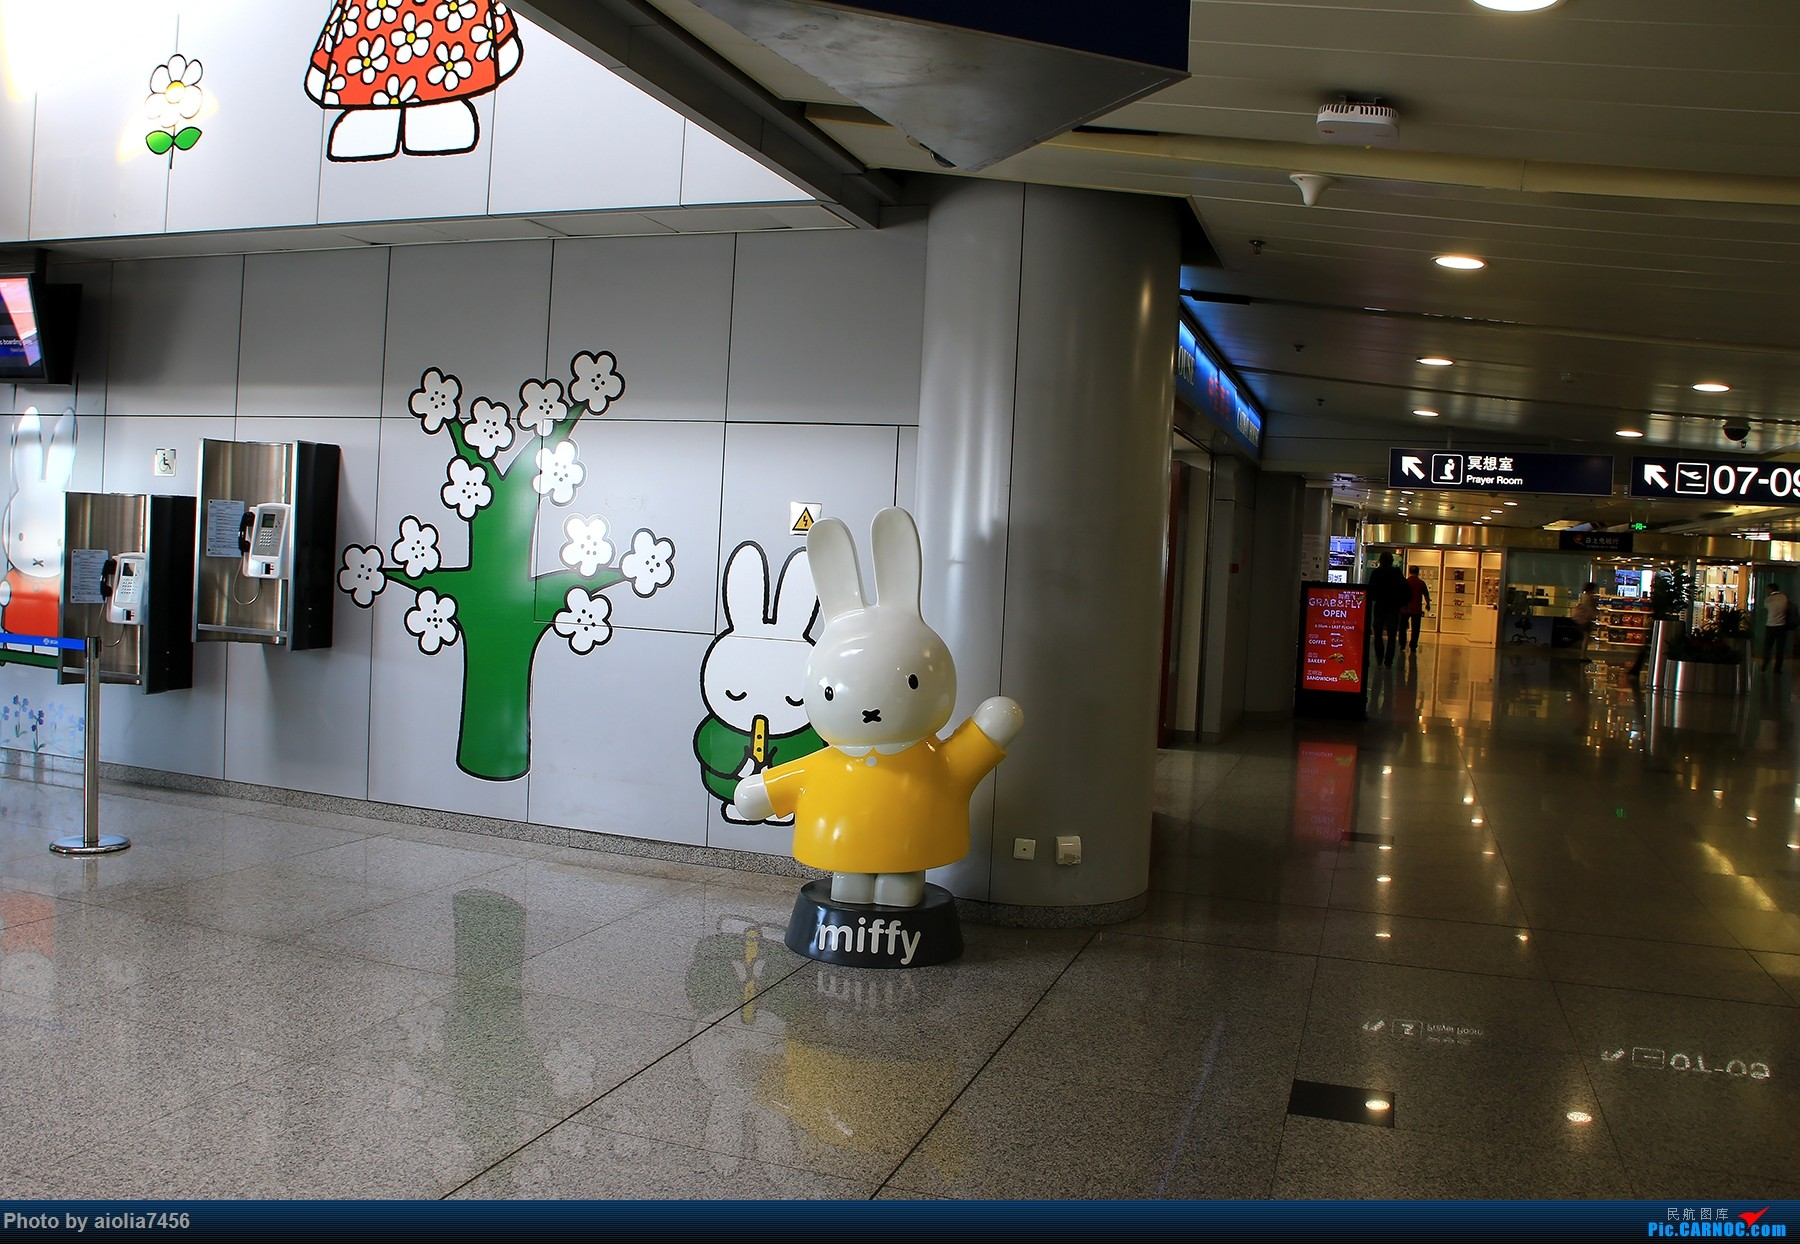 Re:[原创]【合肥飞友会】西行归来系列之三HFE/PEK/AMG/MAD/CDG/PVG/HFE西班牙游记之拥抱伊比利亚    中国北京首都国际机场